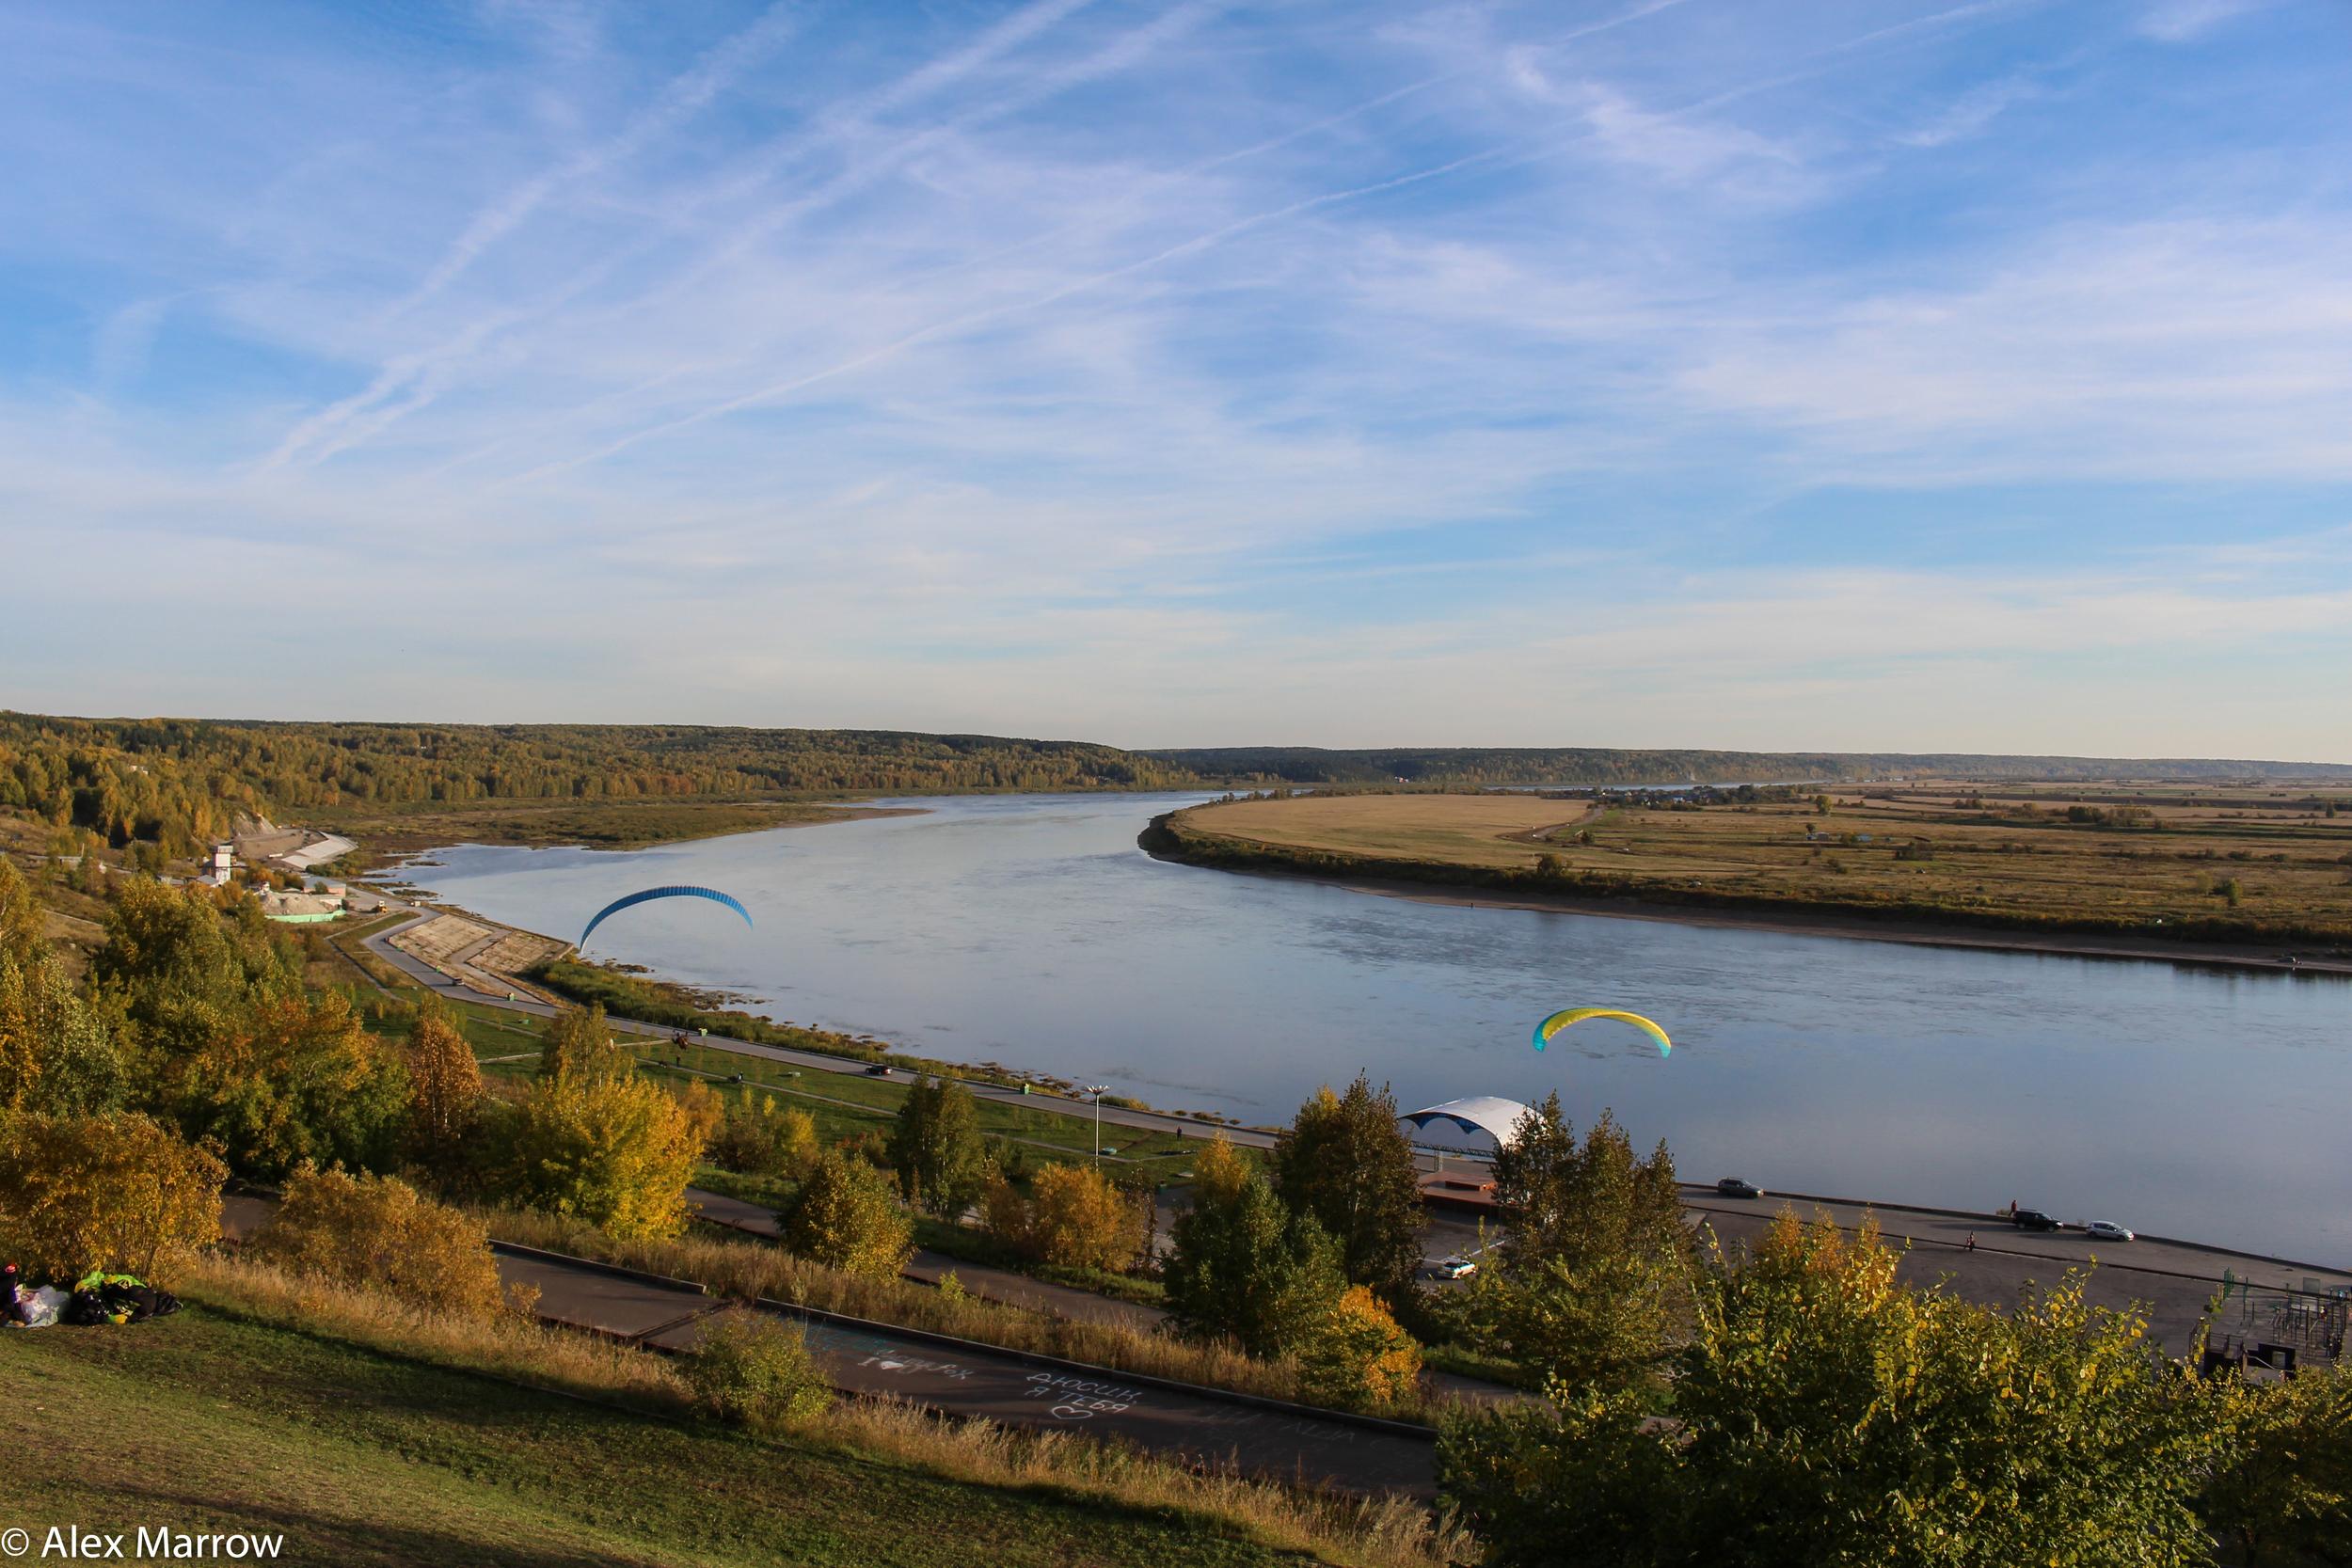 The River Tom, Tomsk